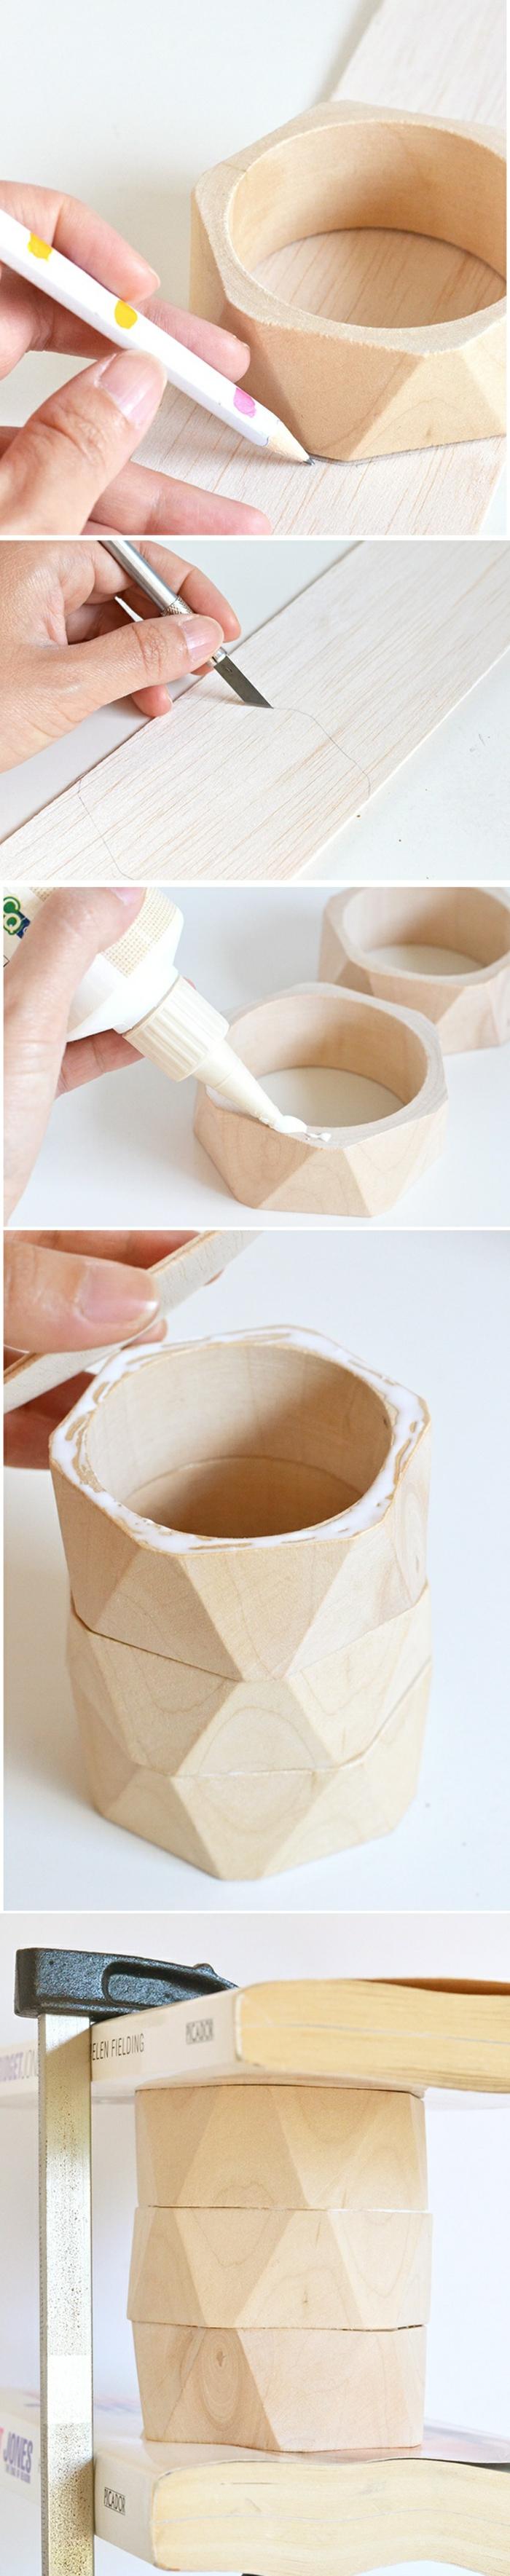 idée activité manuelle ado, tutoriel bricolage pot à crayon avec bracelets en bois, comment faire un pot à crayon